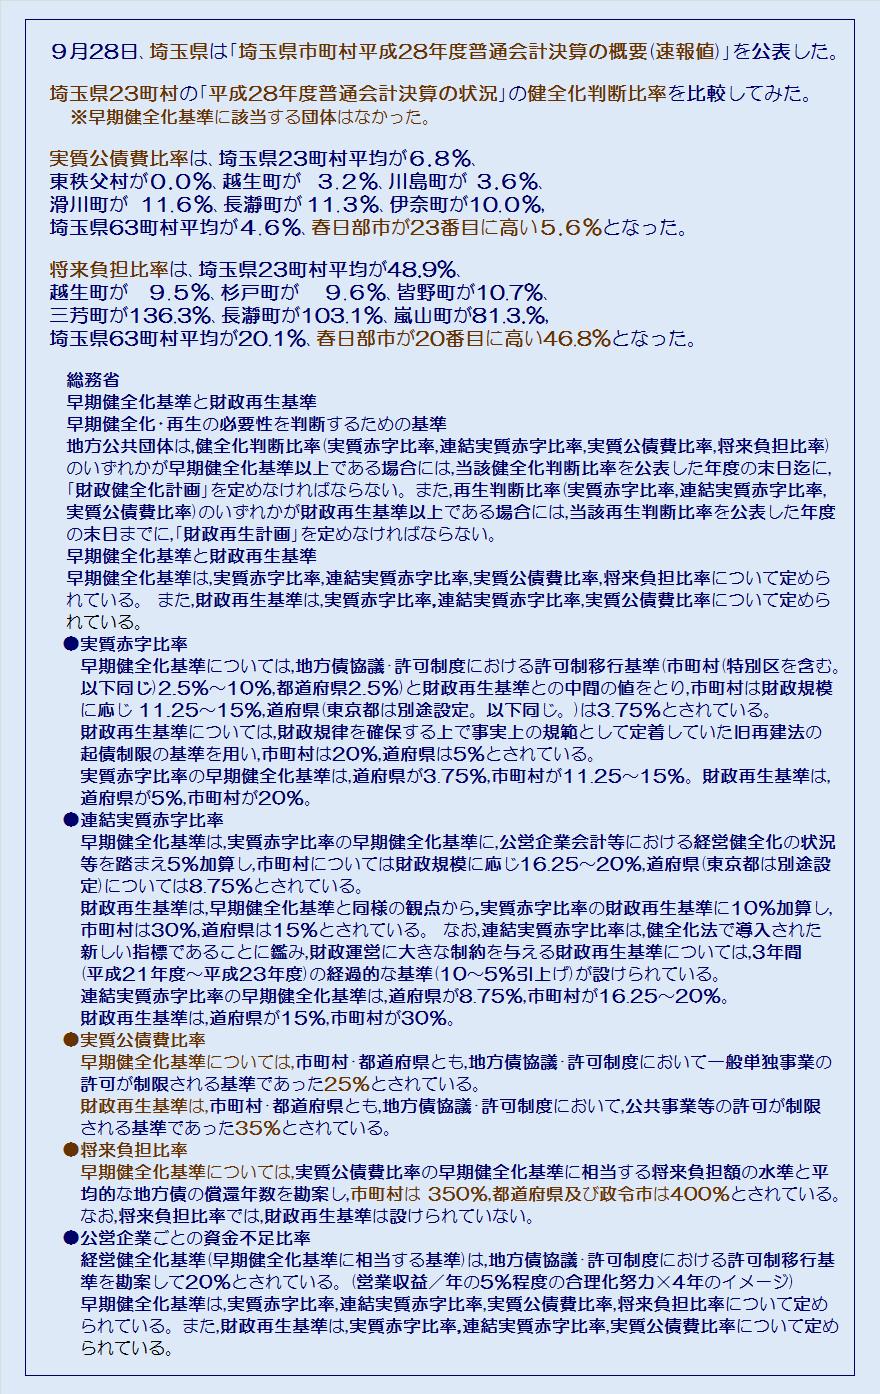 埼玉県23町村平成28年度普通会計決算の状況健全化判断比率・コメント